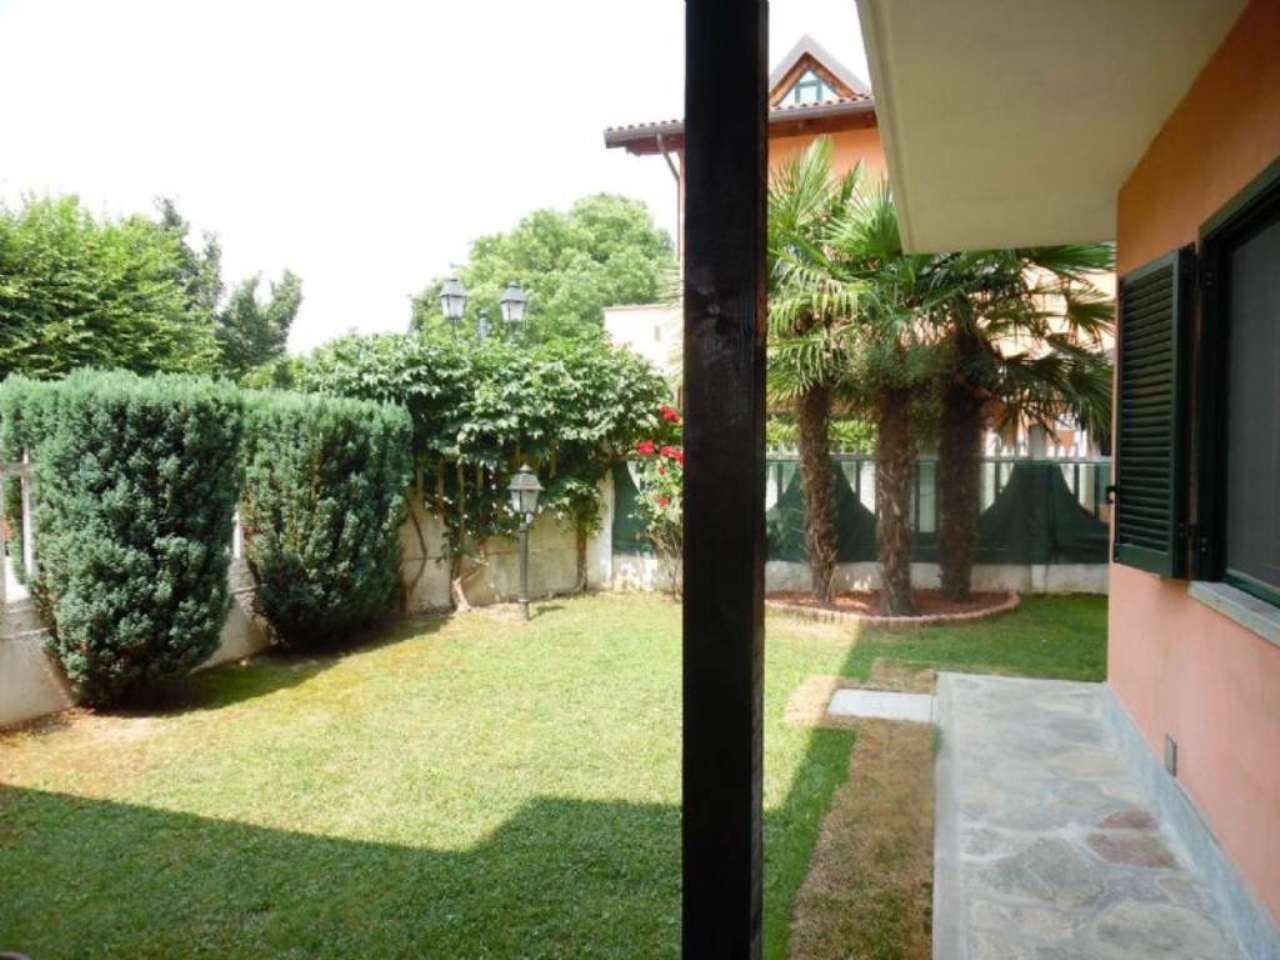 Villetta a schiera su più livelli con ampio giardino , foto 16